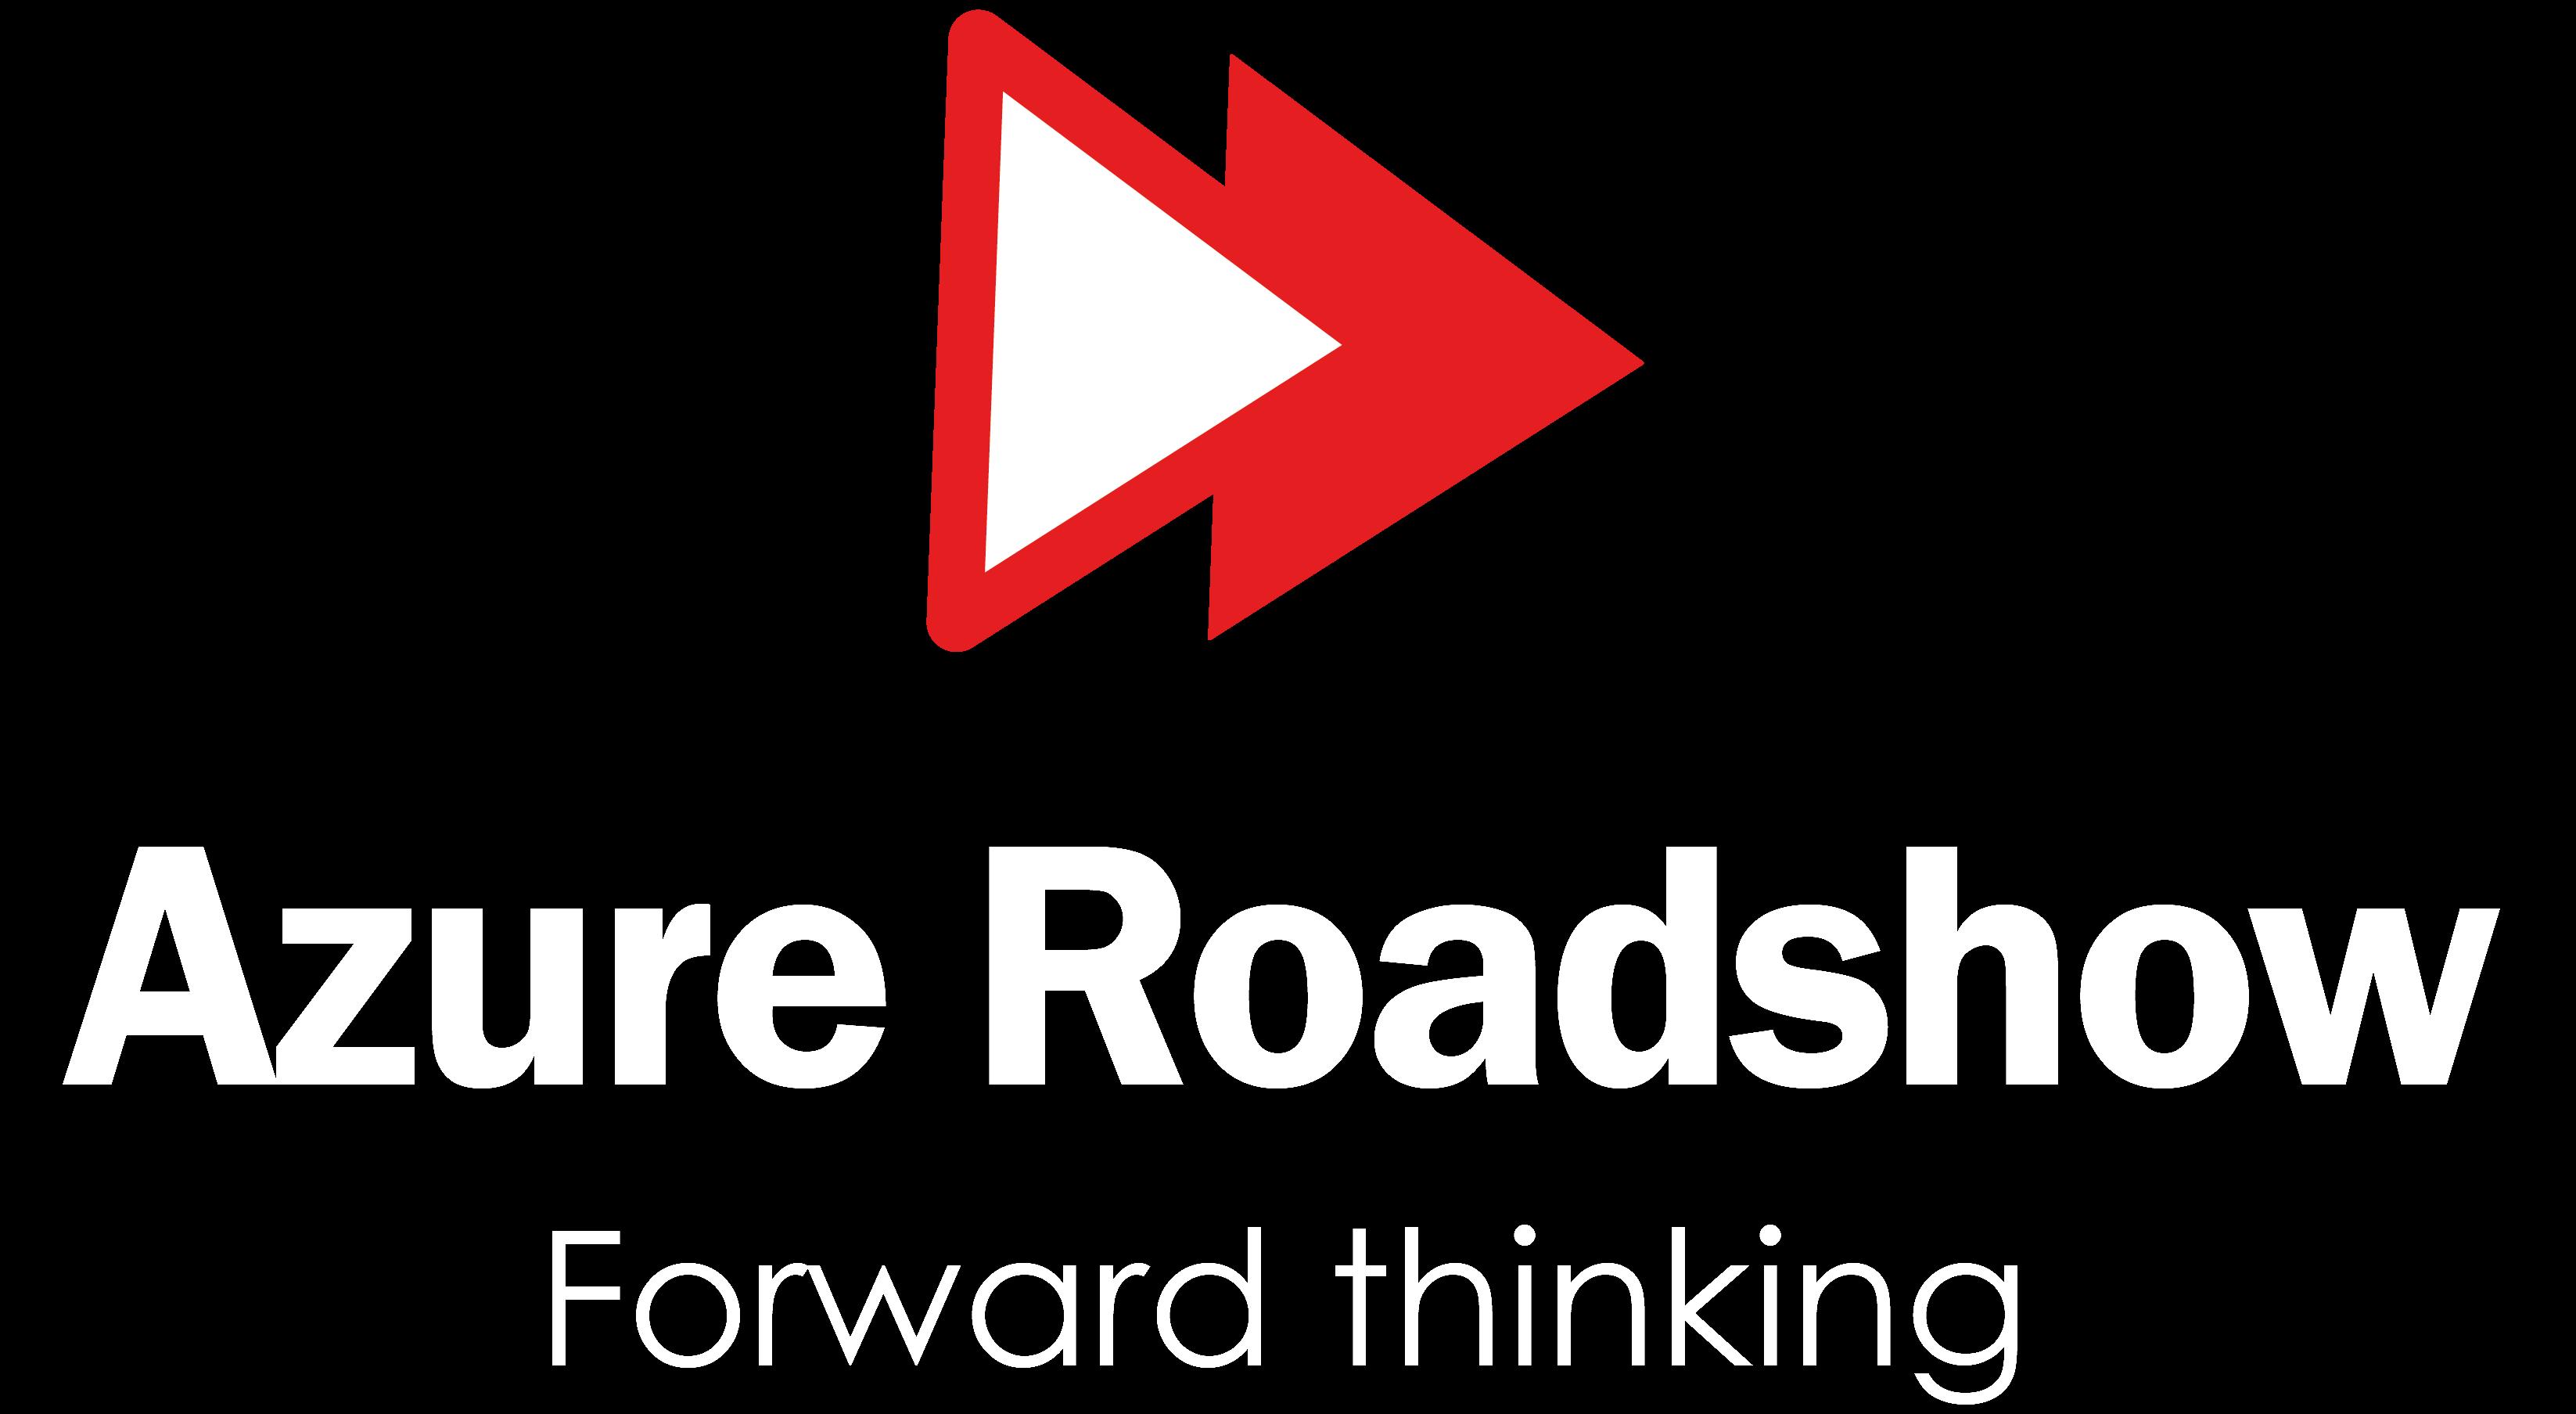 Azure roadshow logo - White Text